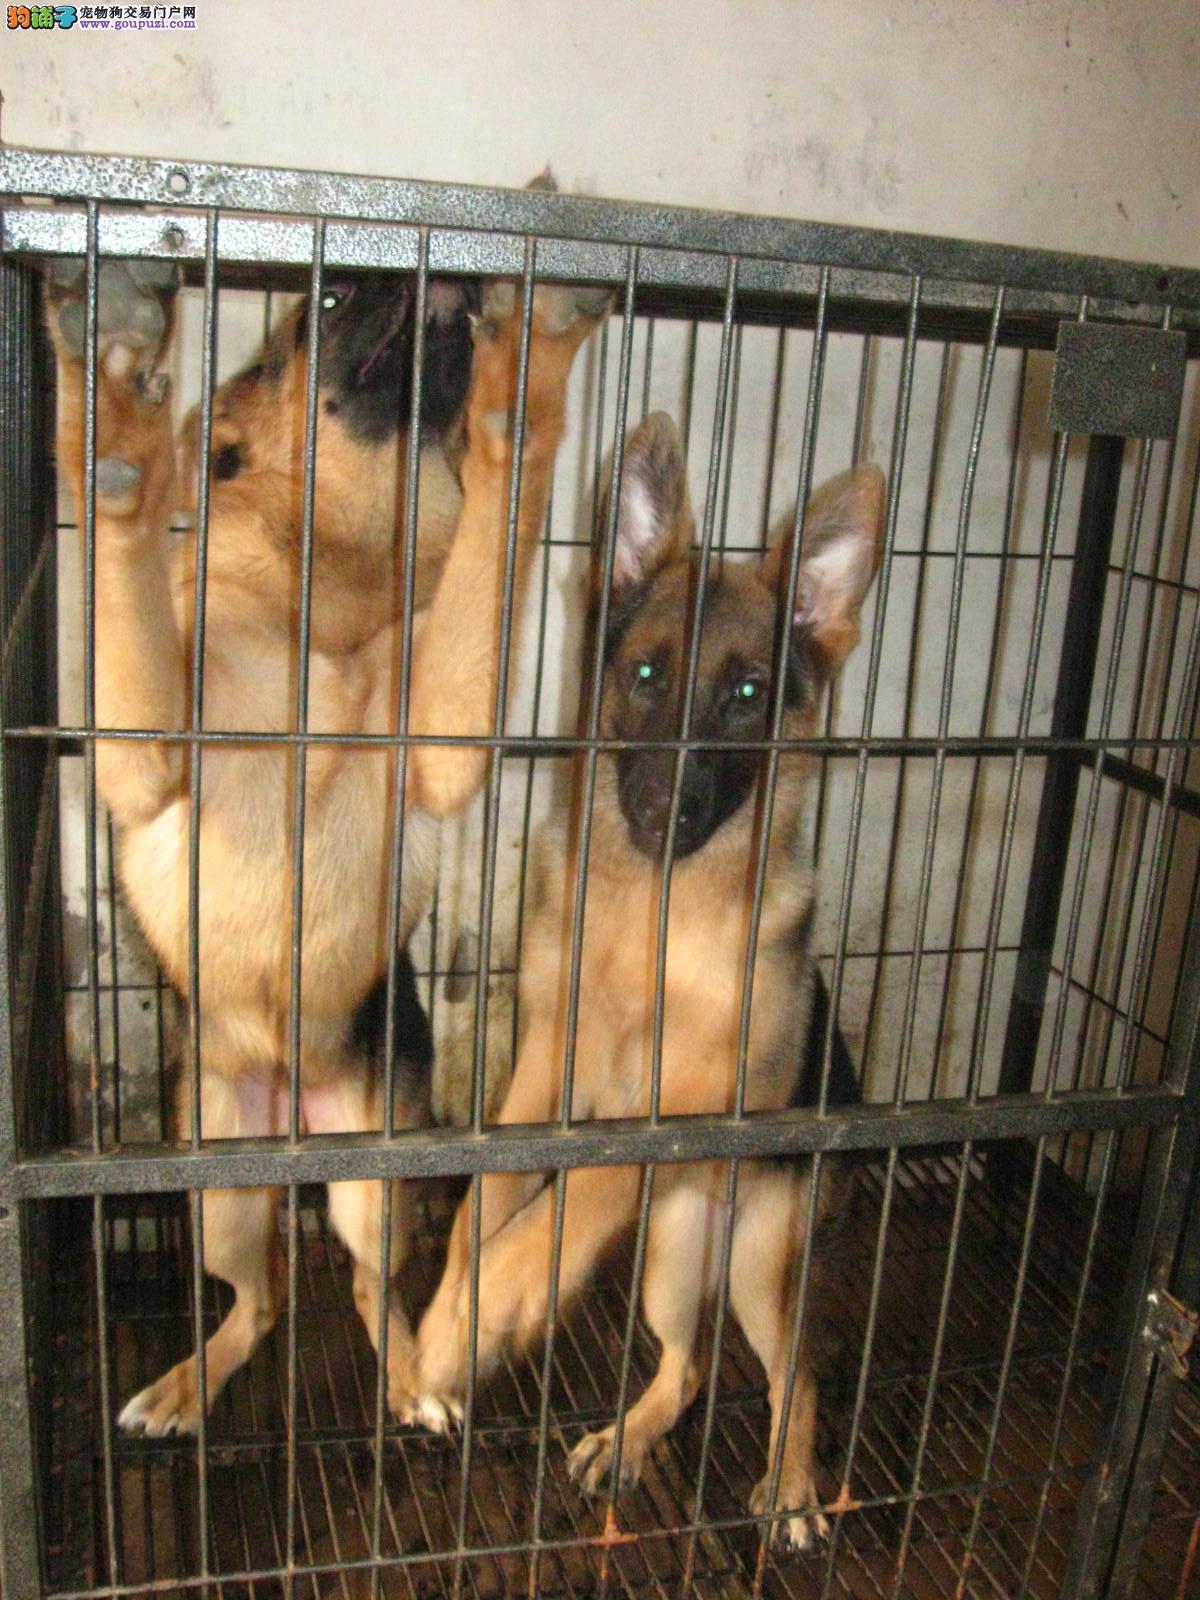 德国牧羊犬 纯种/自己狗场繁殖德国牧羊犬 德牧黑背[两个月公母全有]